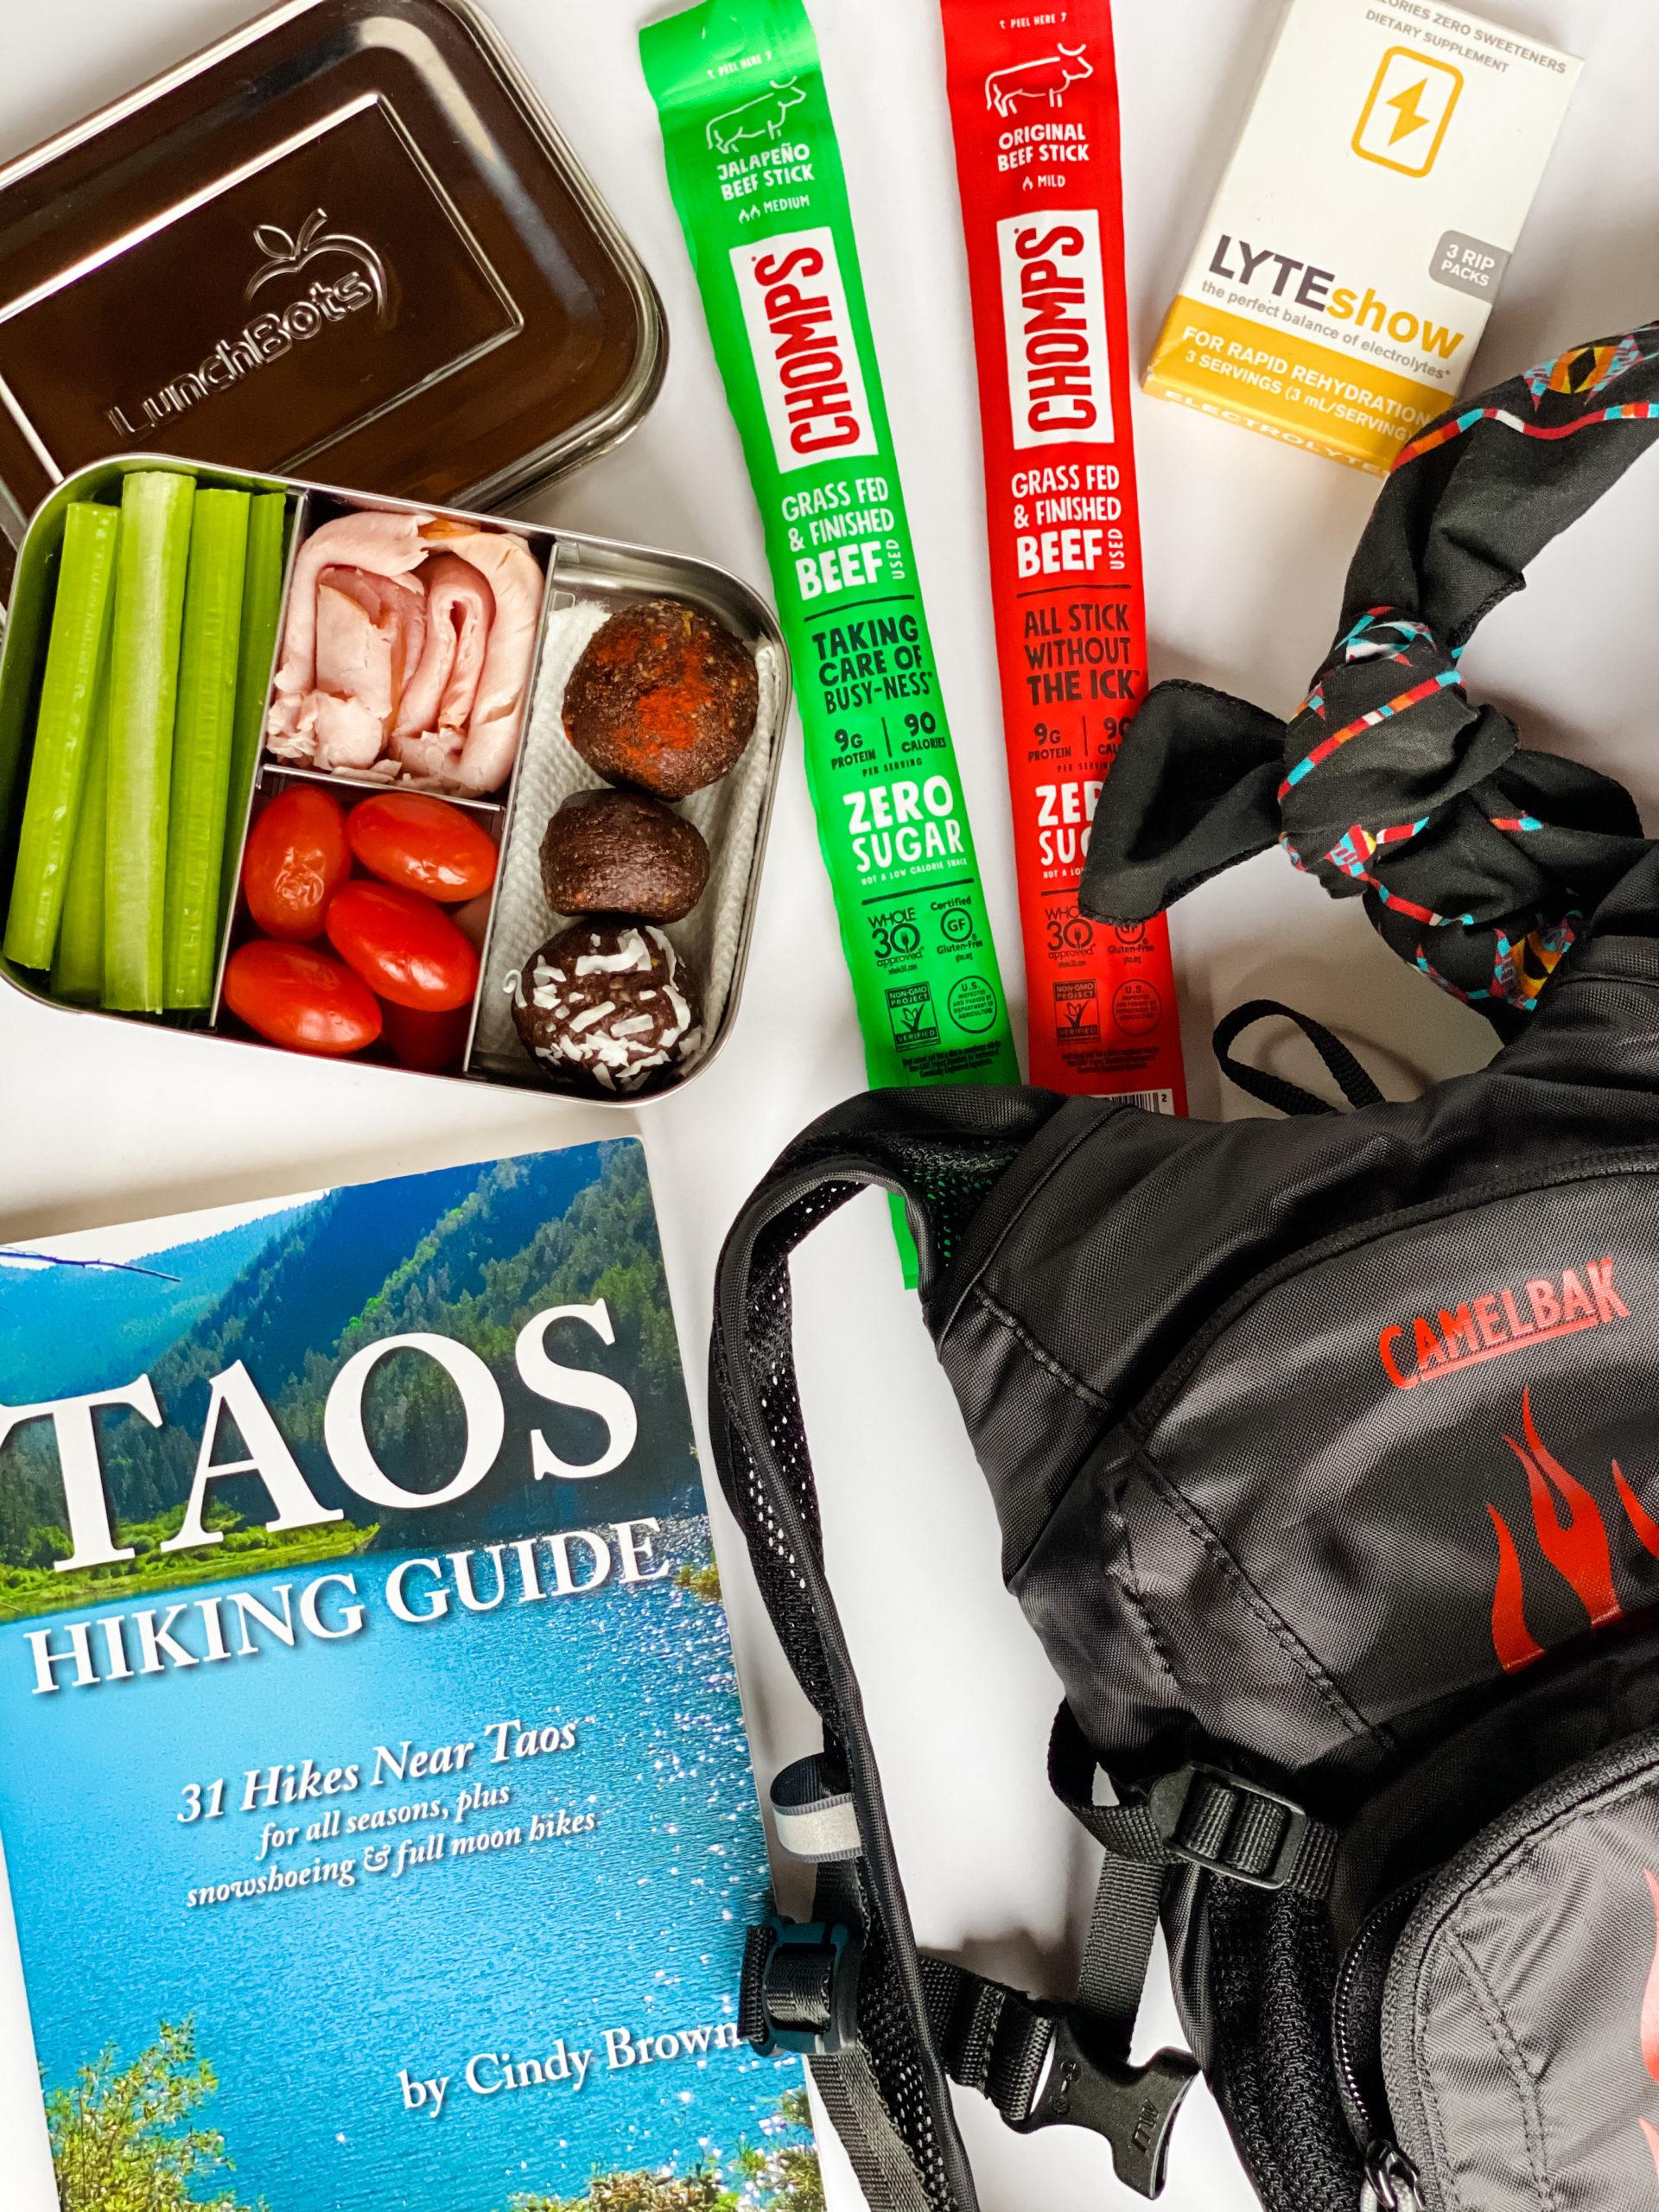 No bake energy bites, gluten free, hiking essentials